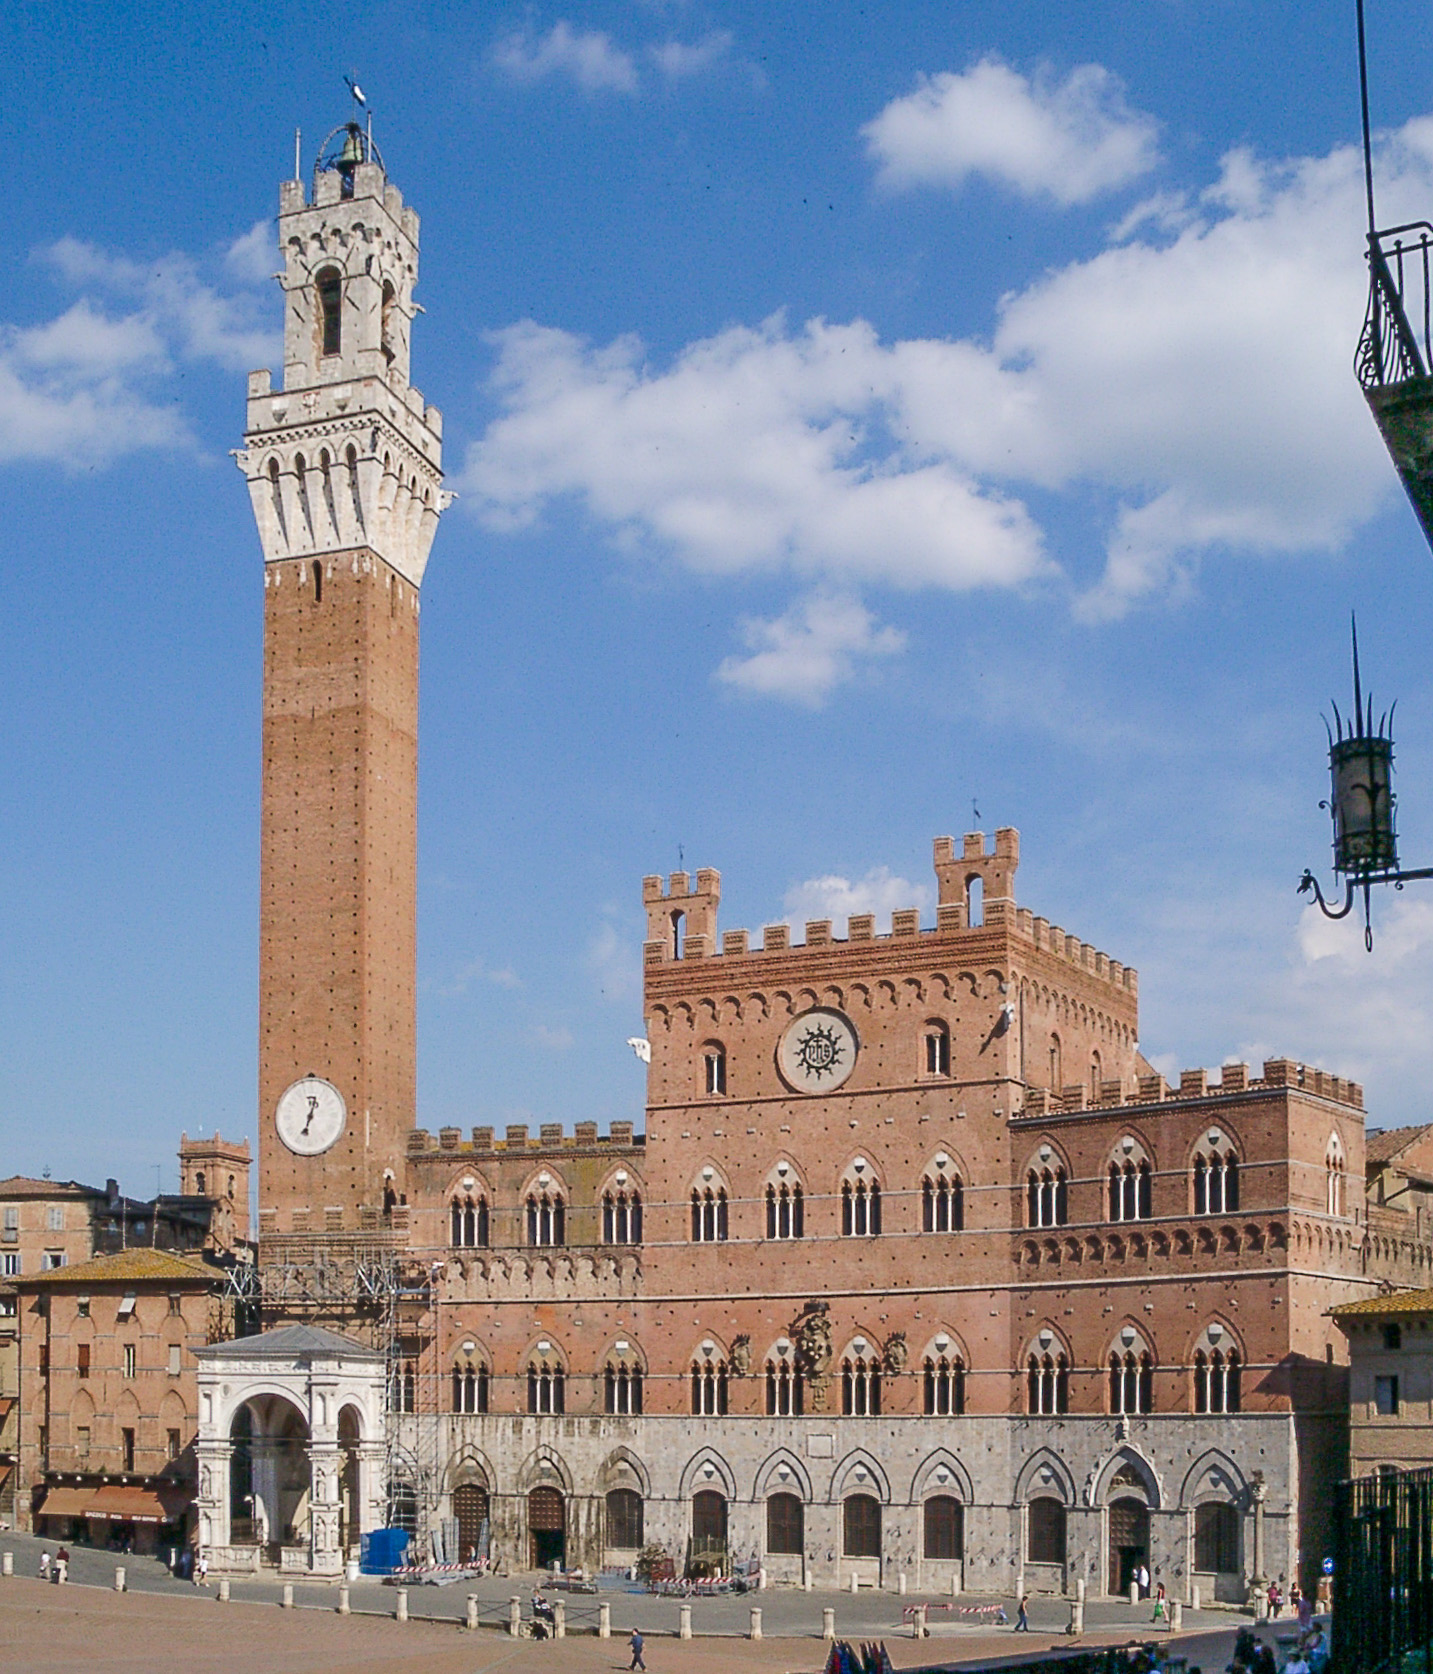 Palazzo Pubblico, facciata, Piazza del Campo